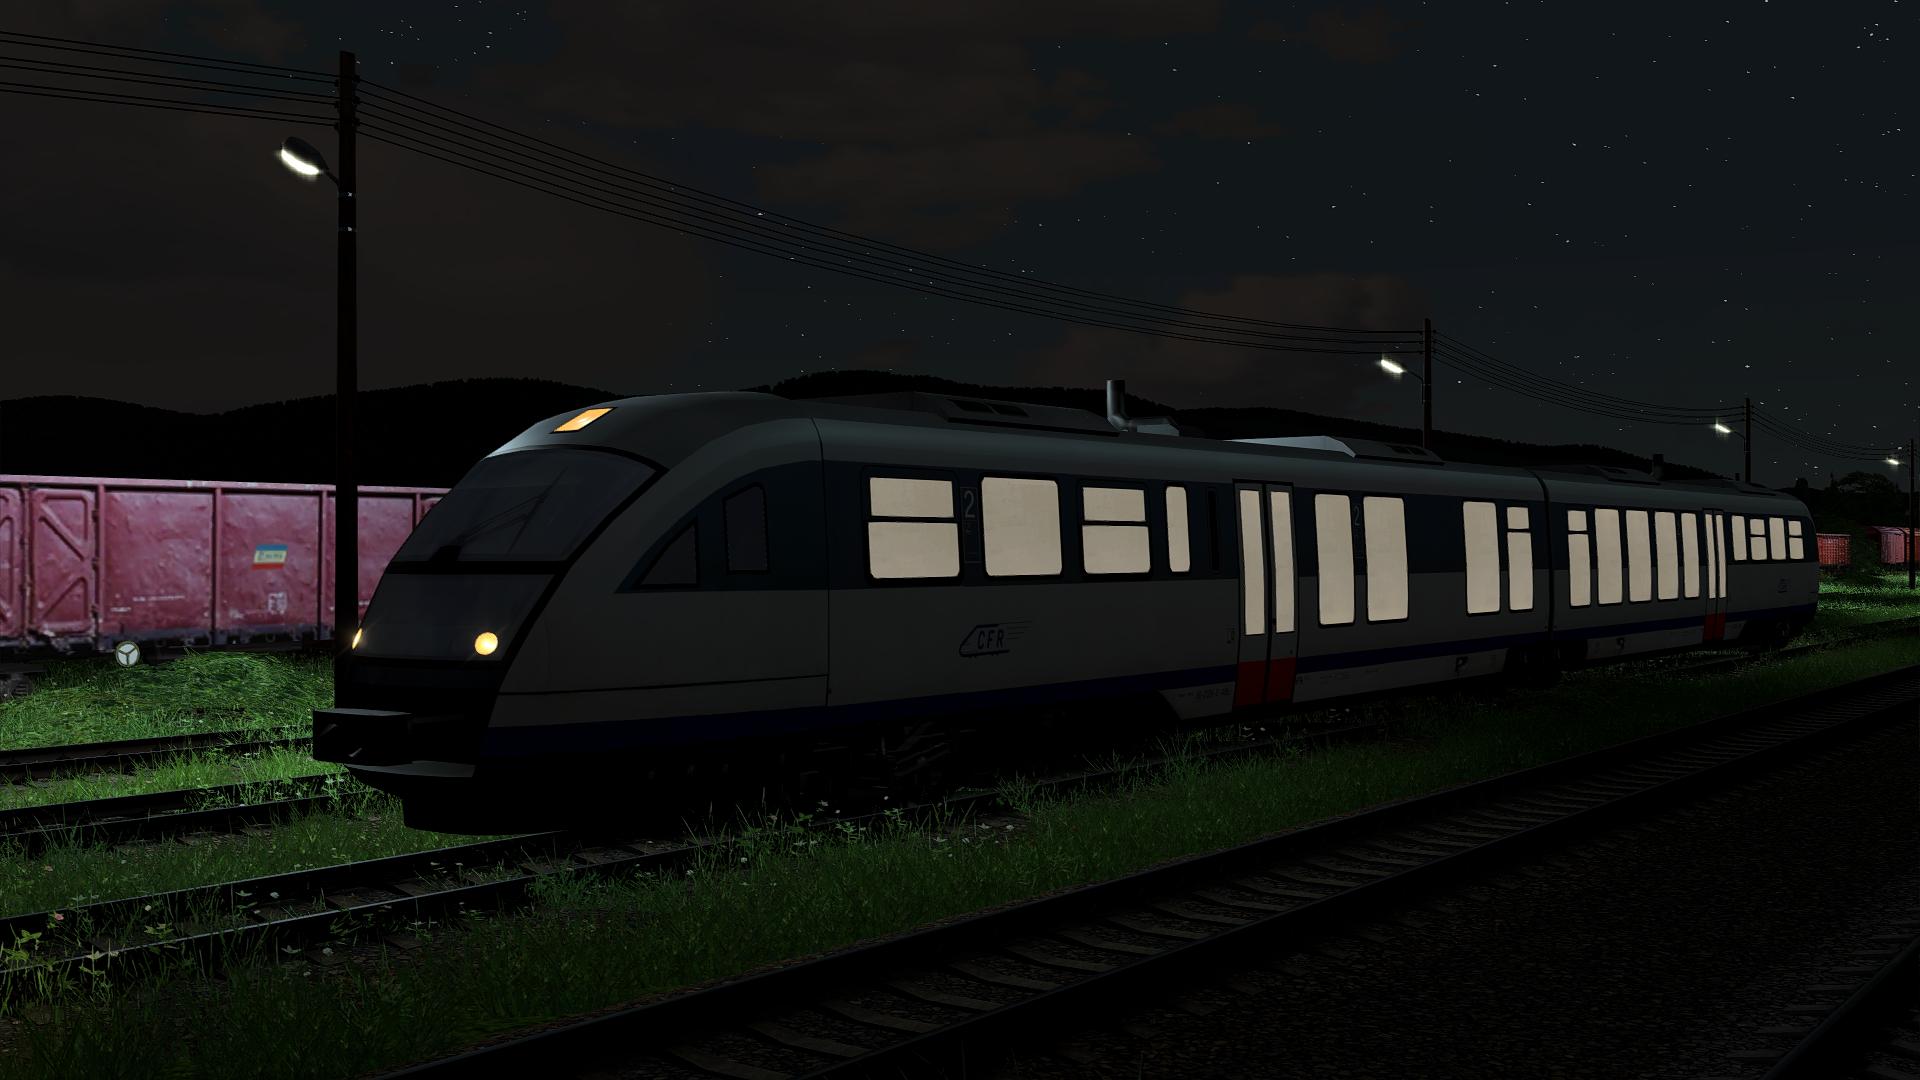 RailWorks64 2021-04-27 19-52-08